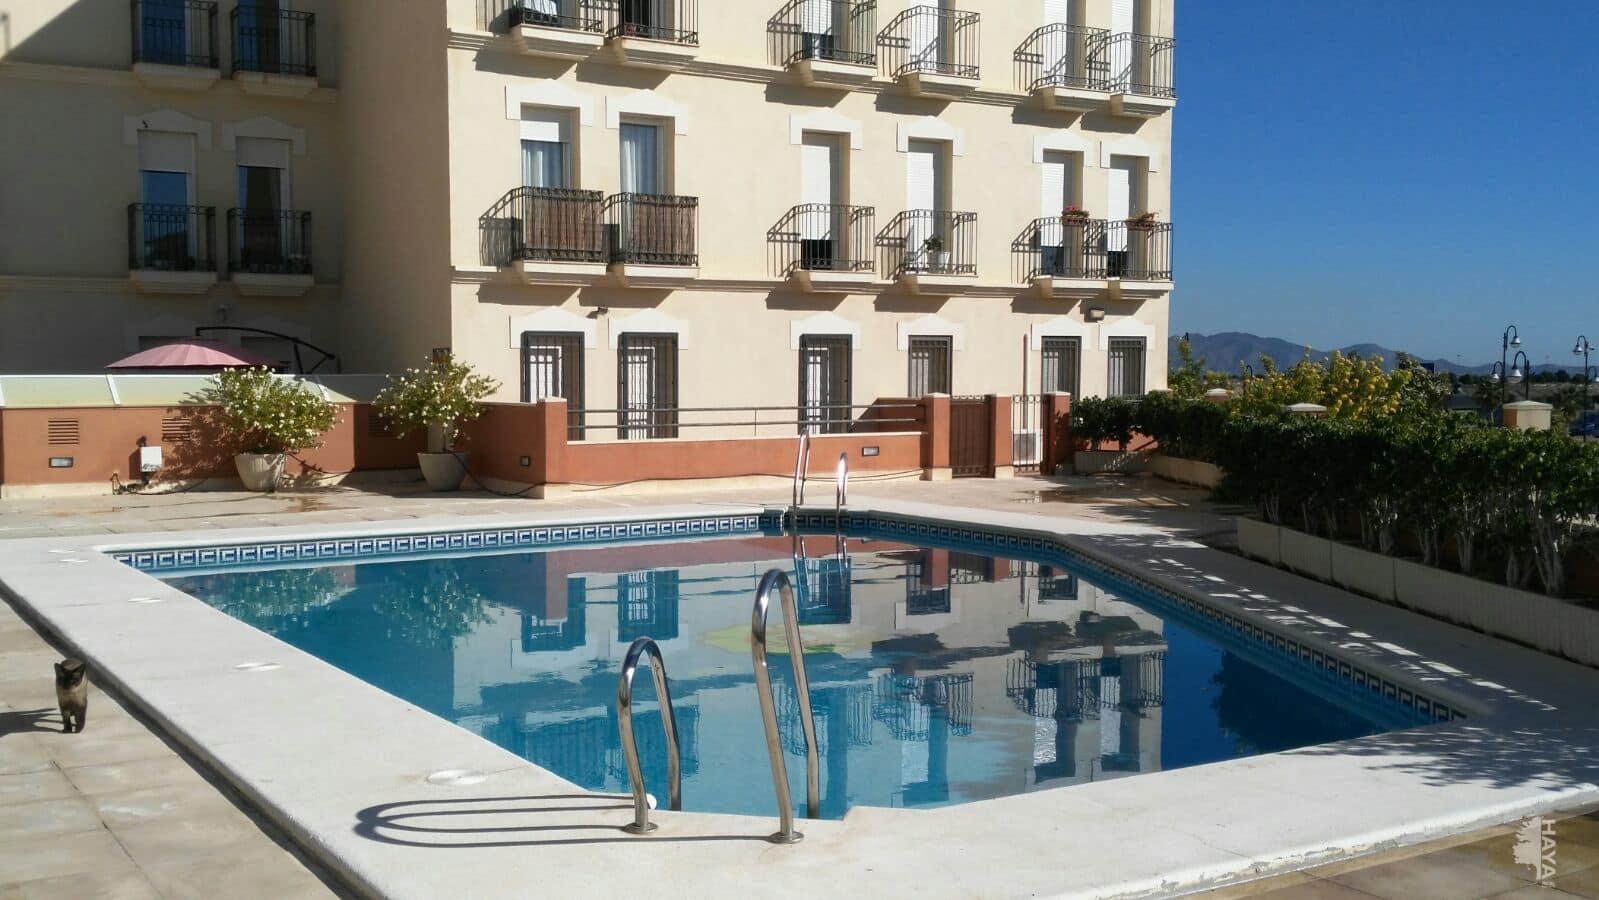 Piso en venta en Vera, Almería, Calle Camino de los Cuatro Caños, 76.700 €, 7 habitaciones, 2 baños, 91 m2